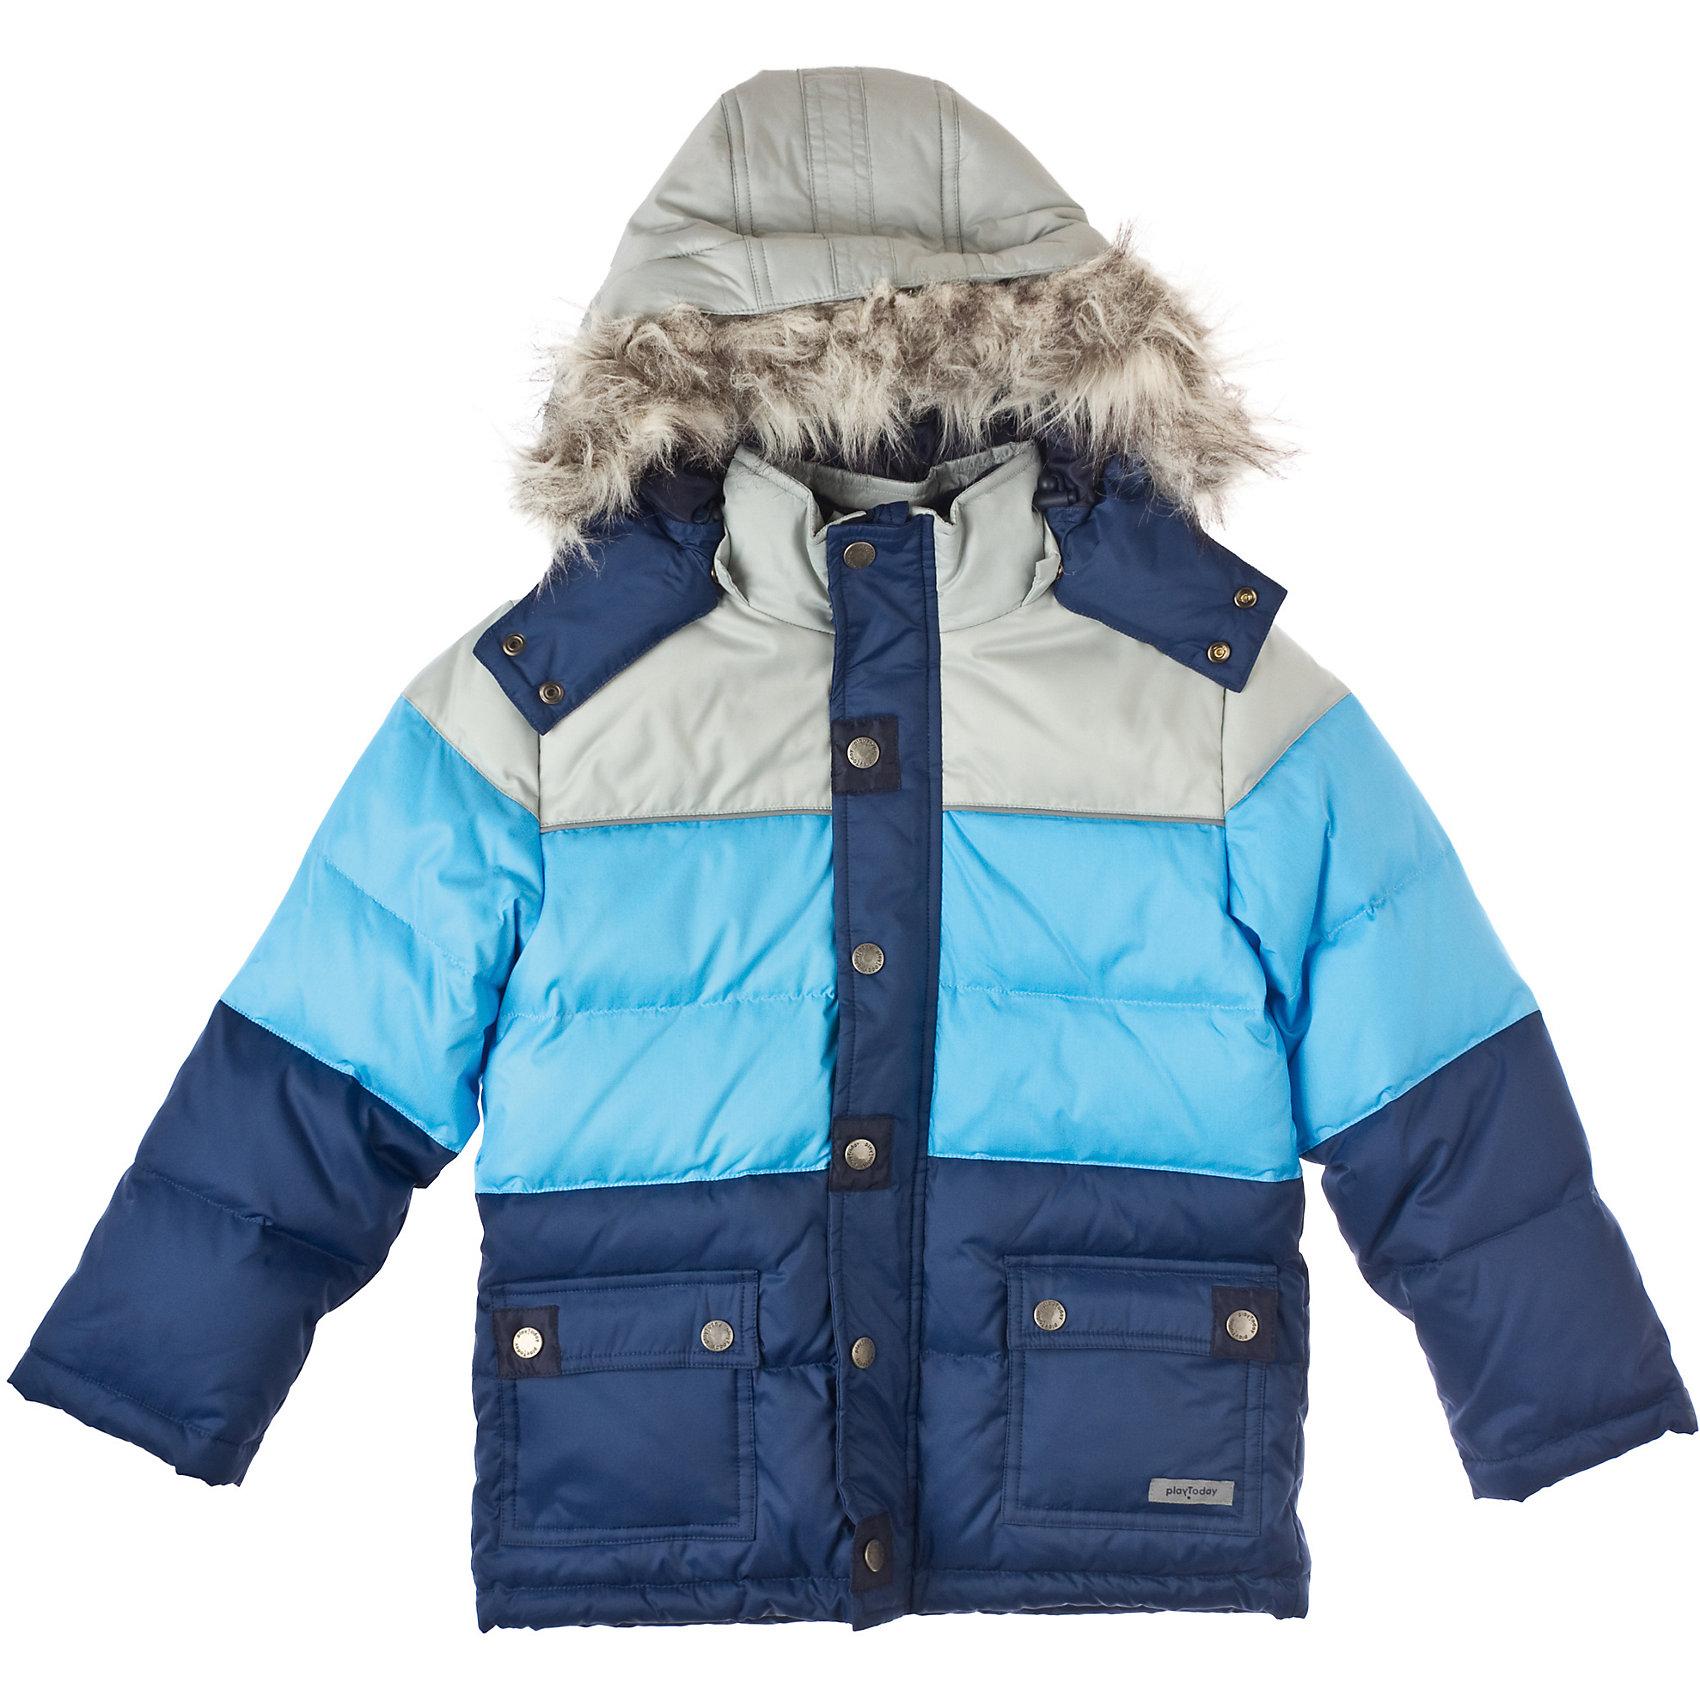 Куртка для мальчика PlayTodayКуртка для мальчика PlayToday Теплая куртка на флисовой подкладкой из непромокаемой ткани. Украшена искусственным мехом. Капюшон отстегивается. Есть дополнительная защита от ветра и два кармана на пуговицах. Состав: Верх: 100% нейлон,  подкладка: 100% полиэстер, наполнитель: 80% пух, 20% перо<br><br>Ширина мм: 356<br>Глубина мм: 10<br>Высота мм: 245<br>Вес г: 519<br>Цвет: серый/синий<br>Возраст от месяцев: 36<br>Возраст до месяцев: 48<br>Пол: Мужской<br>Возраст: Детский<br>Размер: 104,98,122,110,128,116<br>SKU: 4227828